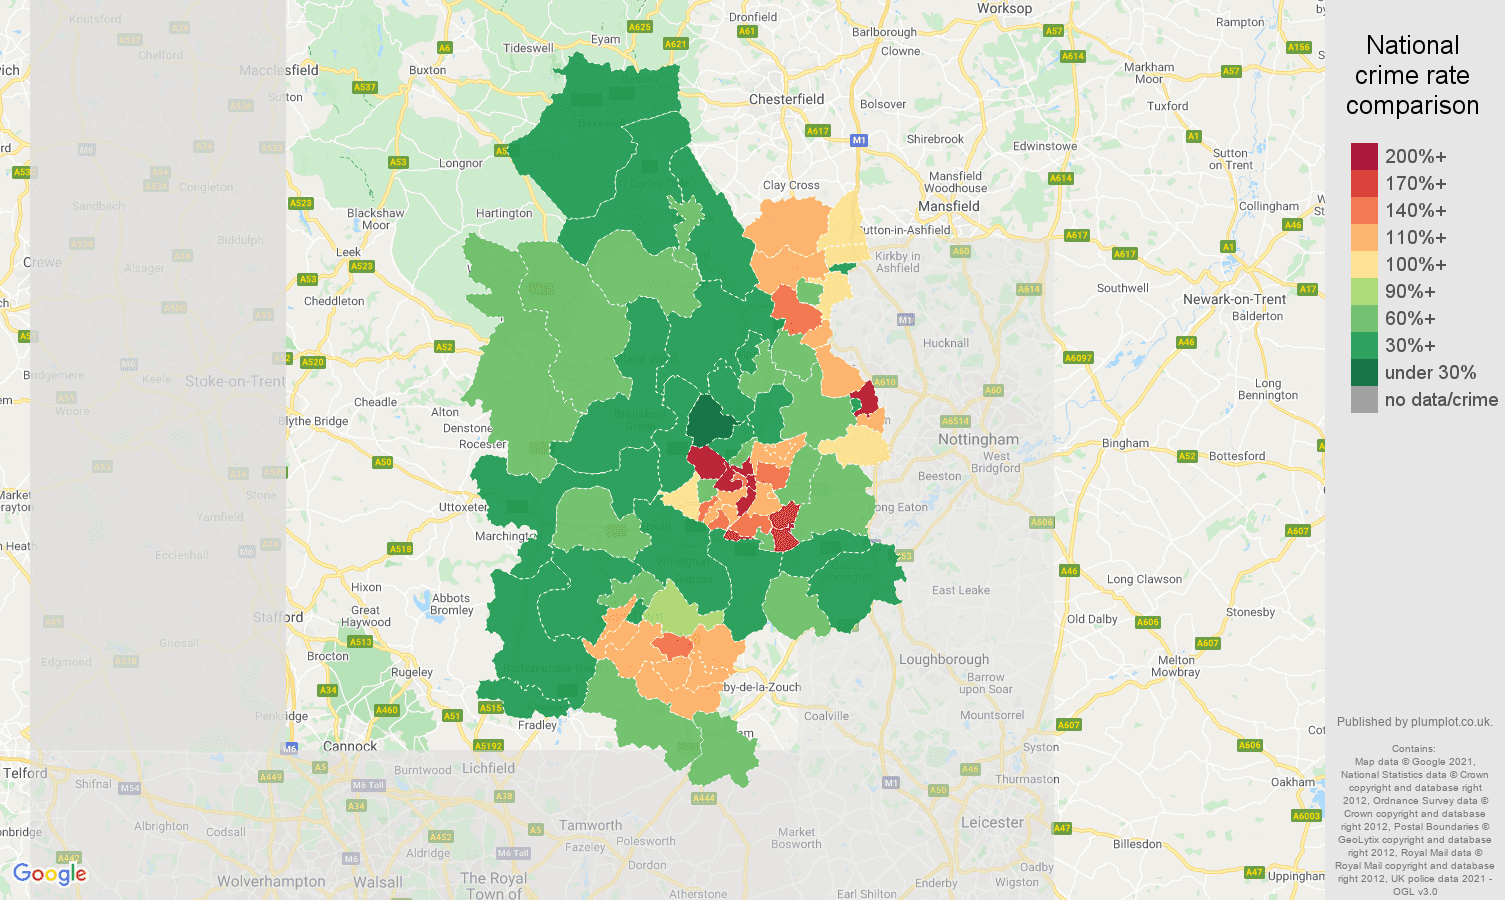 Derby violent crime rate comparison map